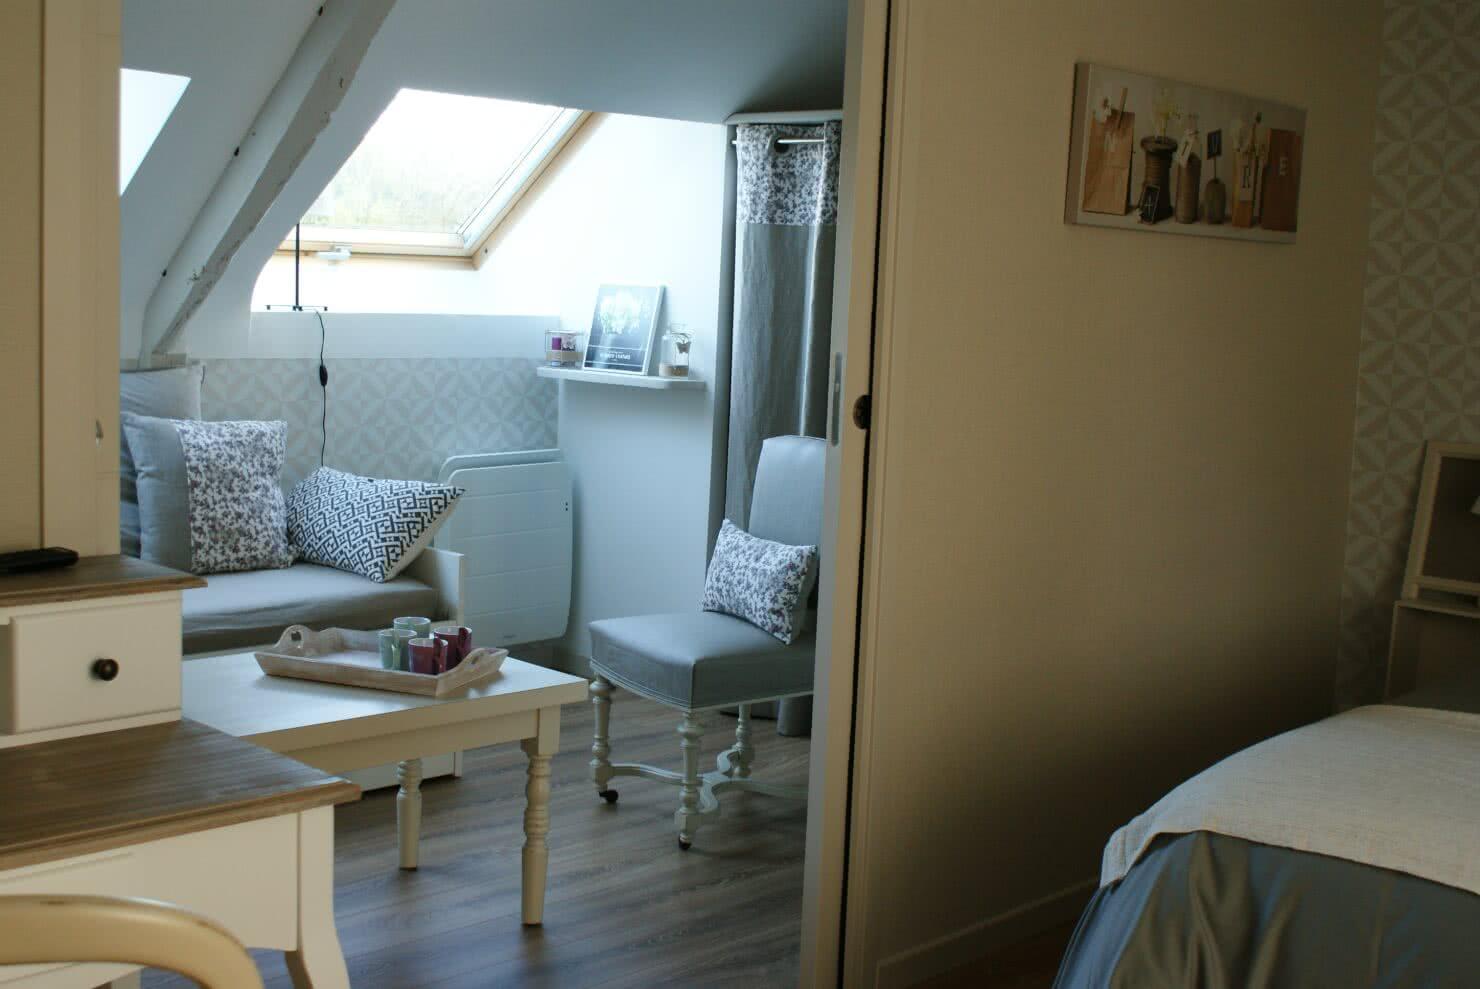 Chambre d'hôtes Ti Milin - Vue sur le petit salon accès communiquant avec l'espace nuit